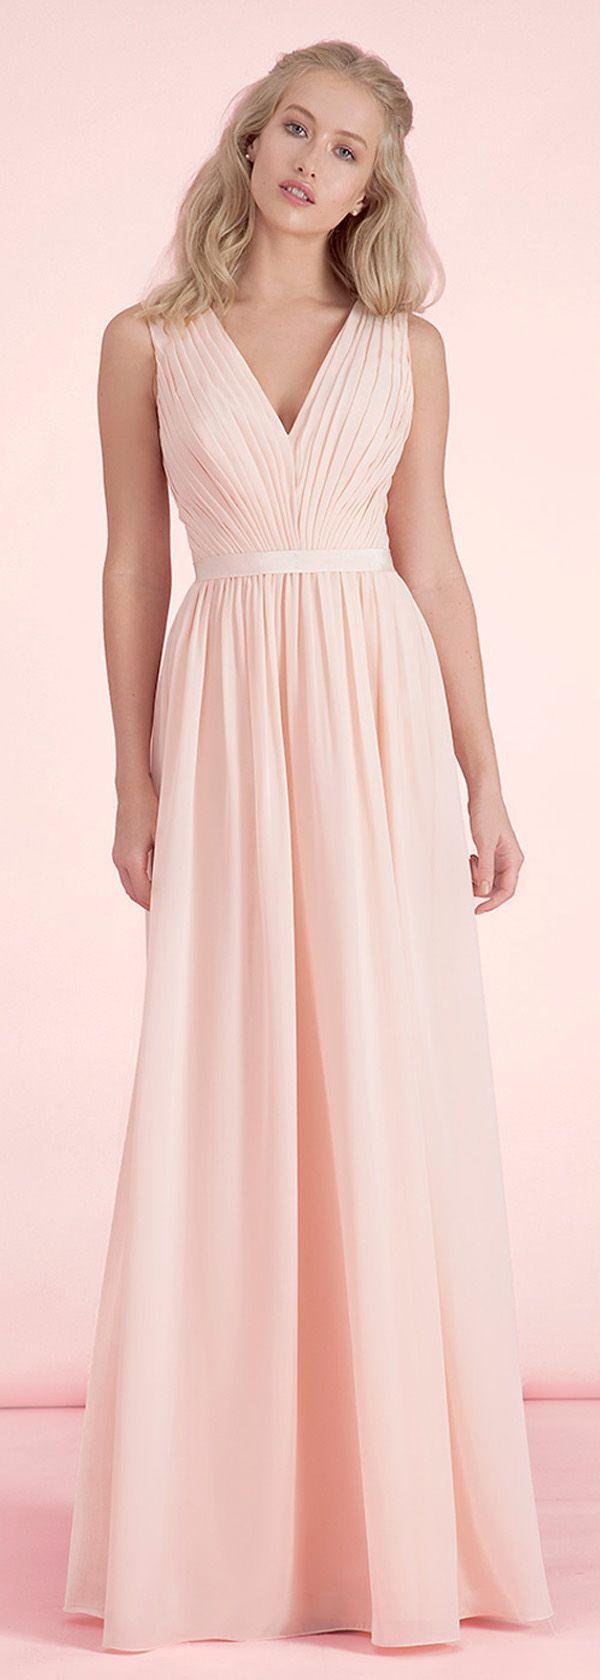 Exquisite Chiffon V-neck Neckline A-line Bridesmaid Dresses ...